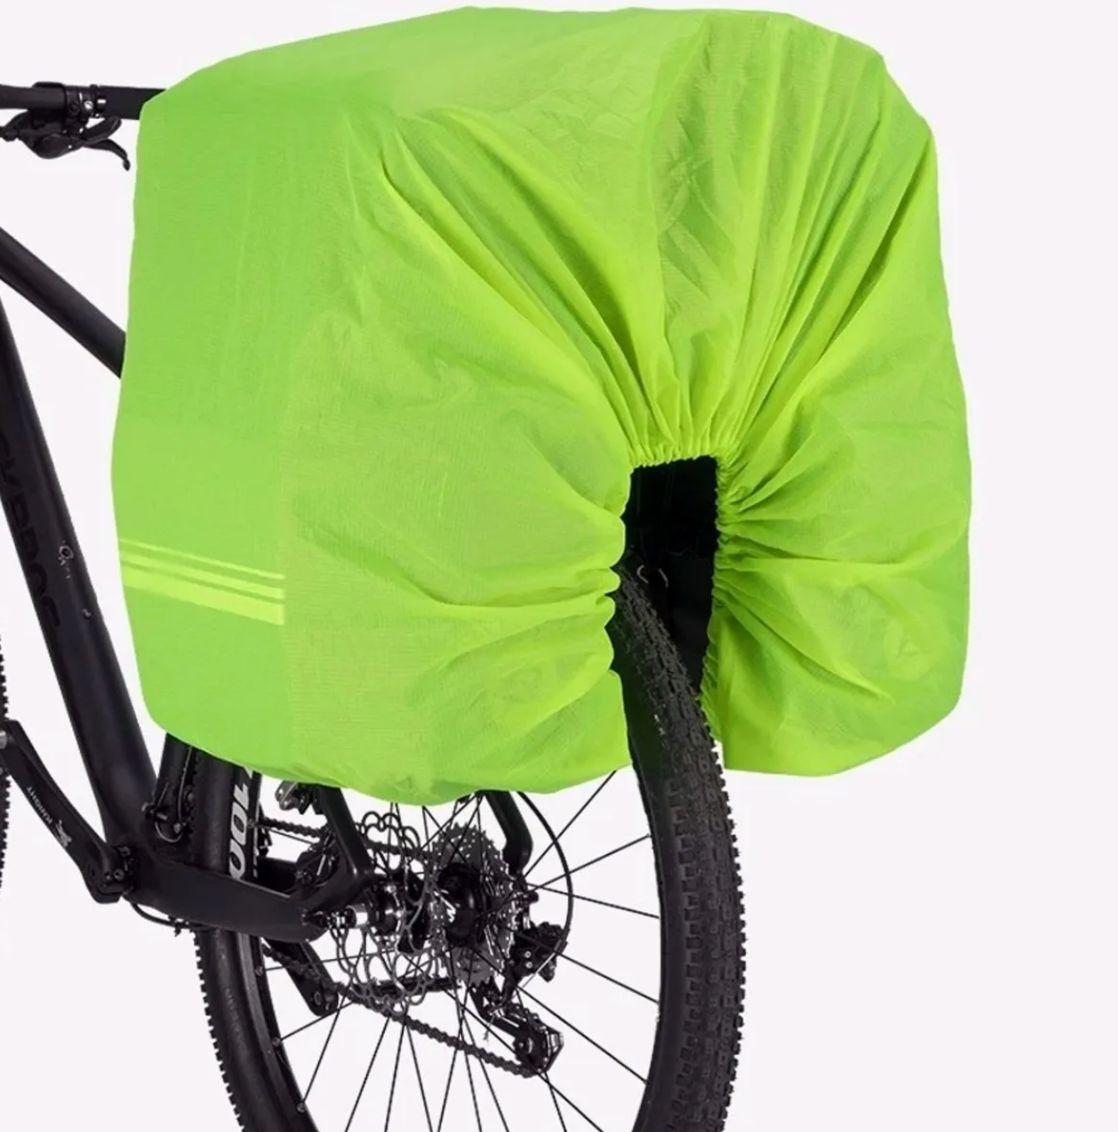 Alforges Bike Bagageiro Rockbros 48 Litros 3 Em 1 Mochila